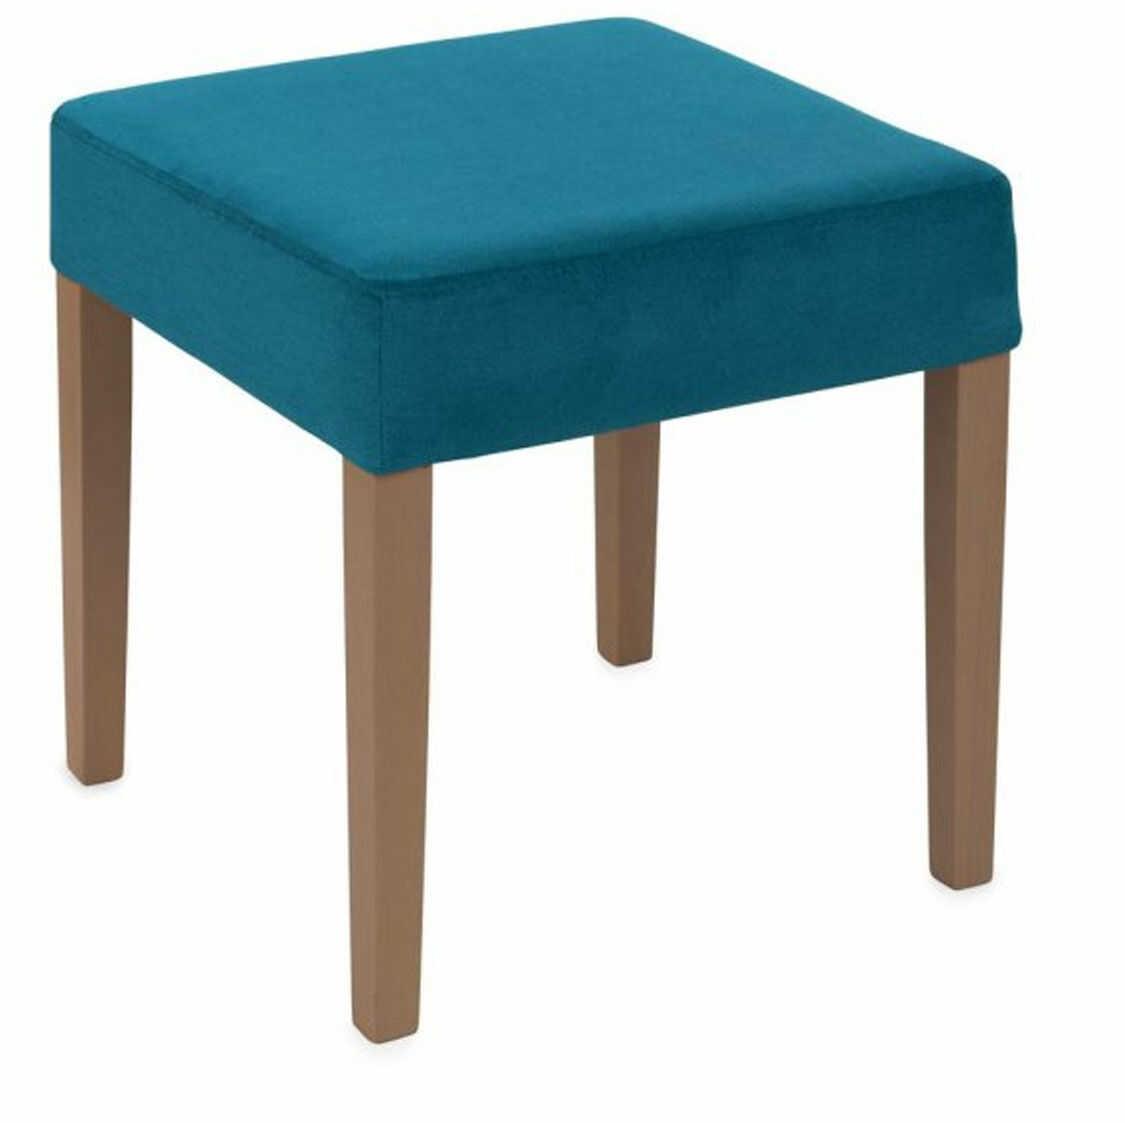 Pufa Simple 45x45, prosta, wygodna, lekka, kwadratowa, tapicerowana, do toaletki, do hotelu, do korytarza, do lobby